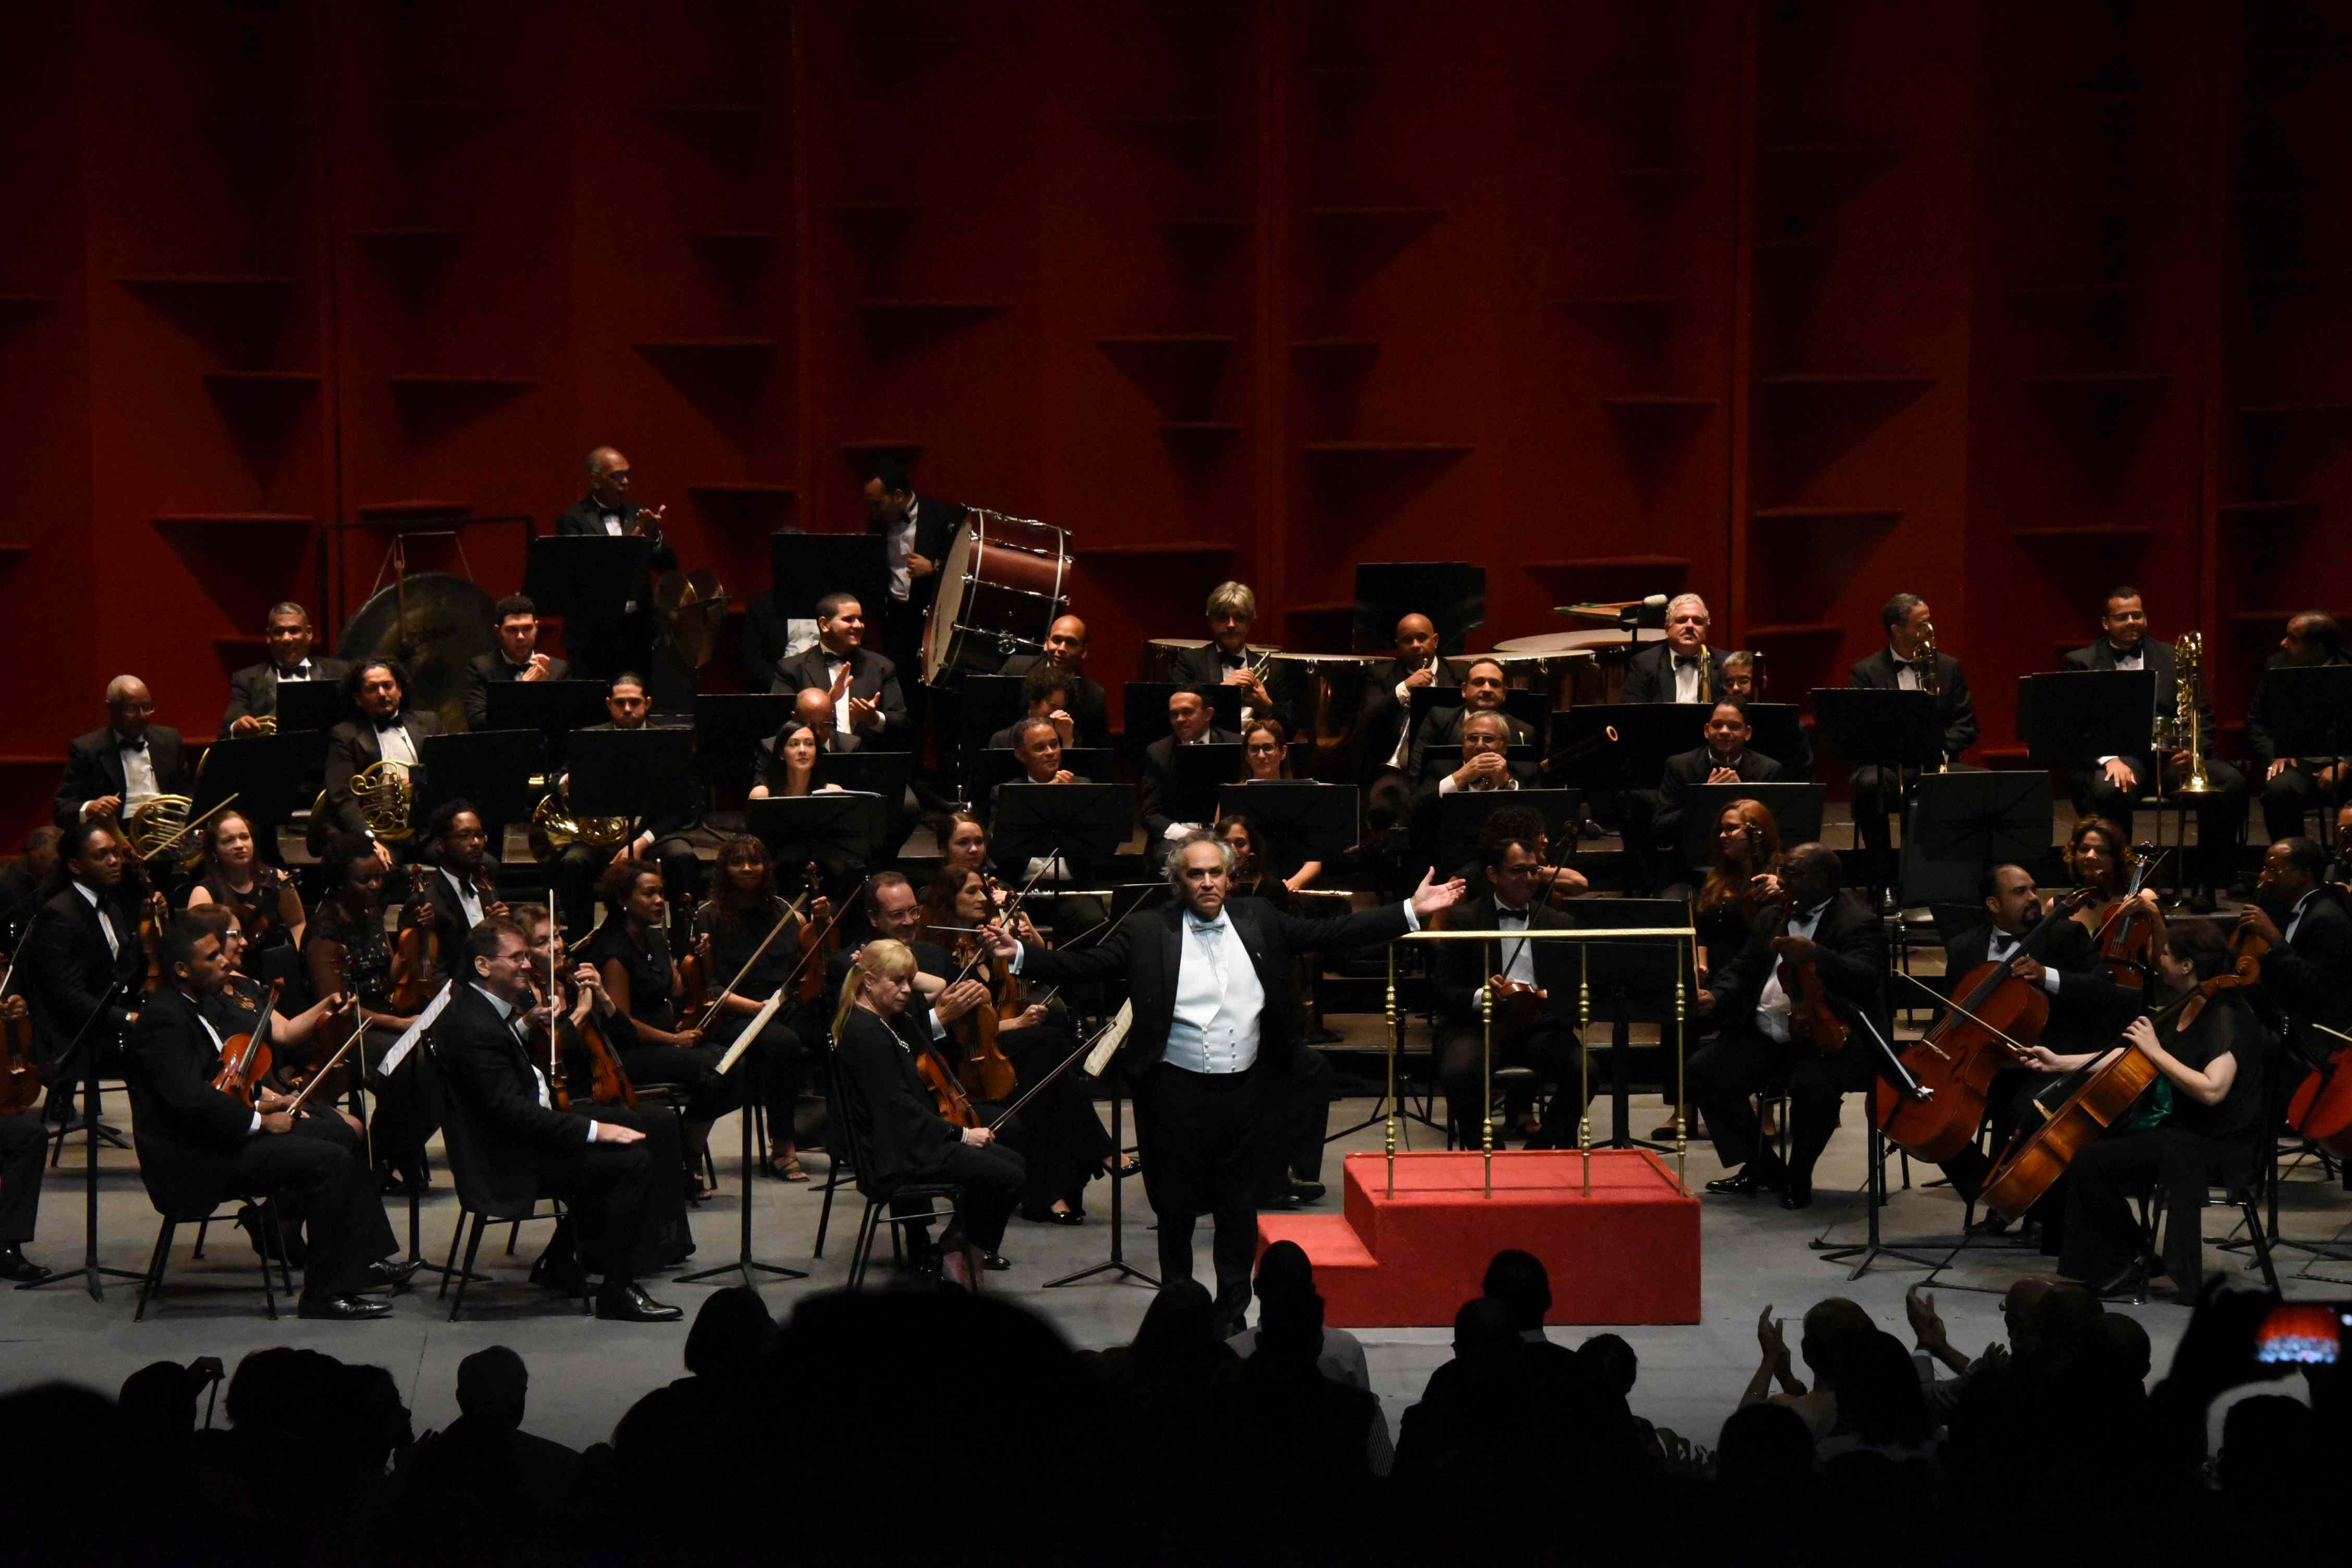 Inicia Temporada de Conciertos 2018 con Molina y Kholodenko